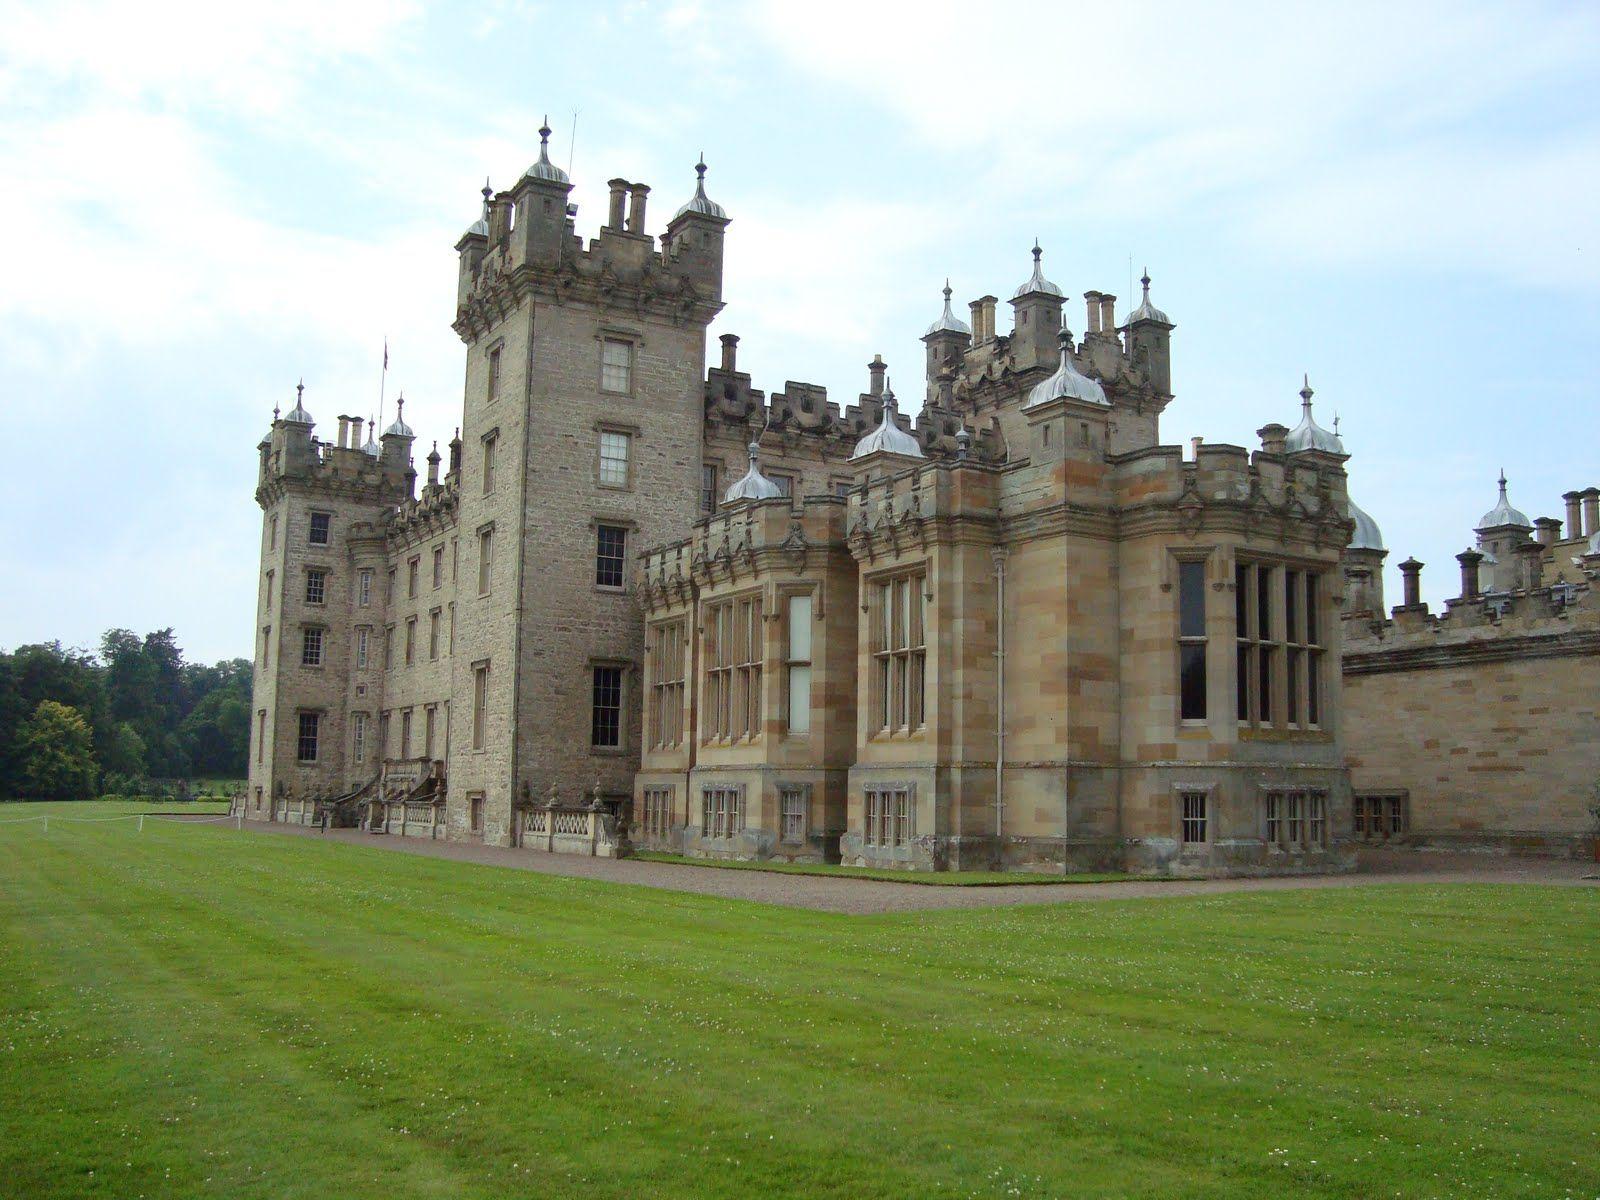 kerr castle in scotland my heritage